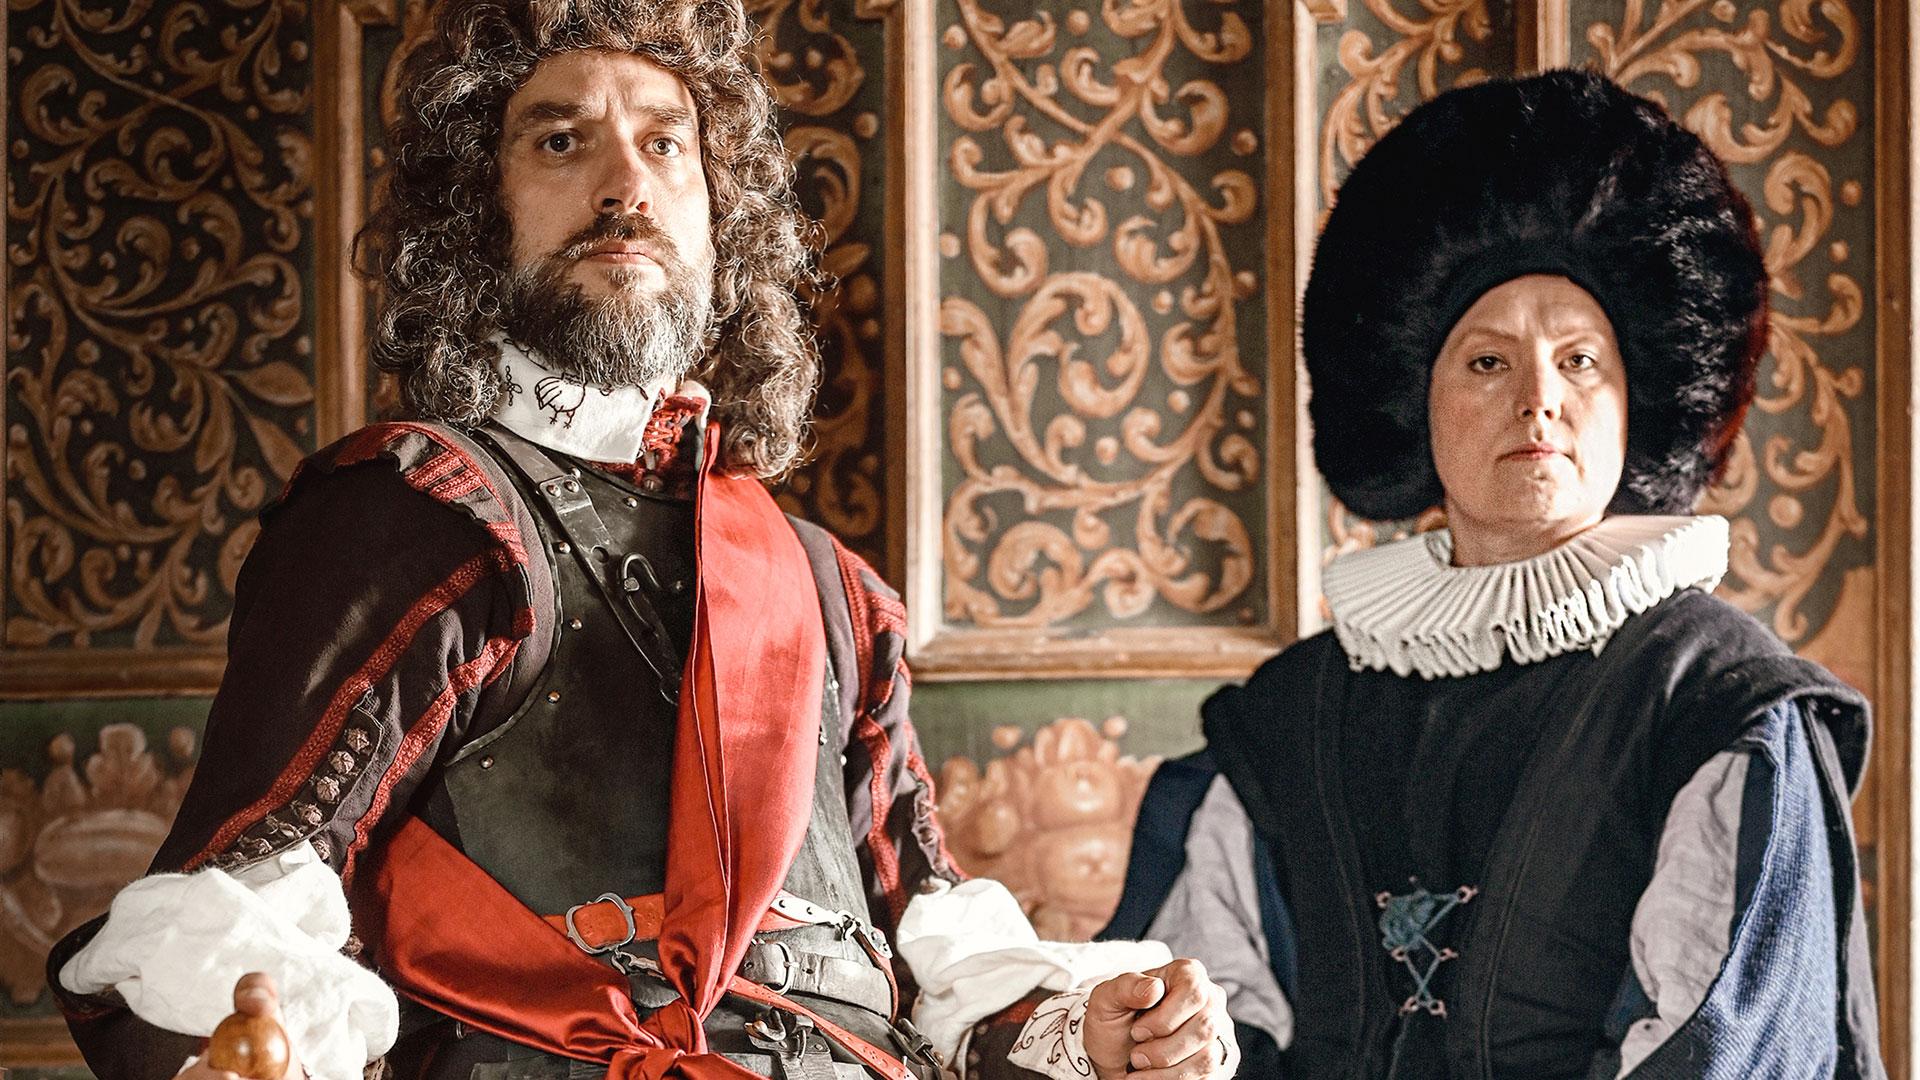 Zwei historisch gekleidete Personen: eine Frau und ein Mann.